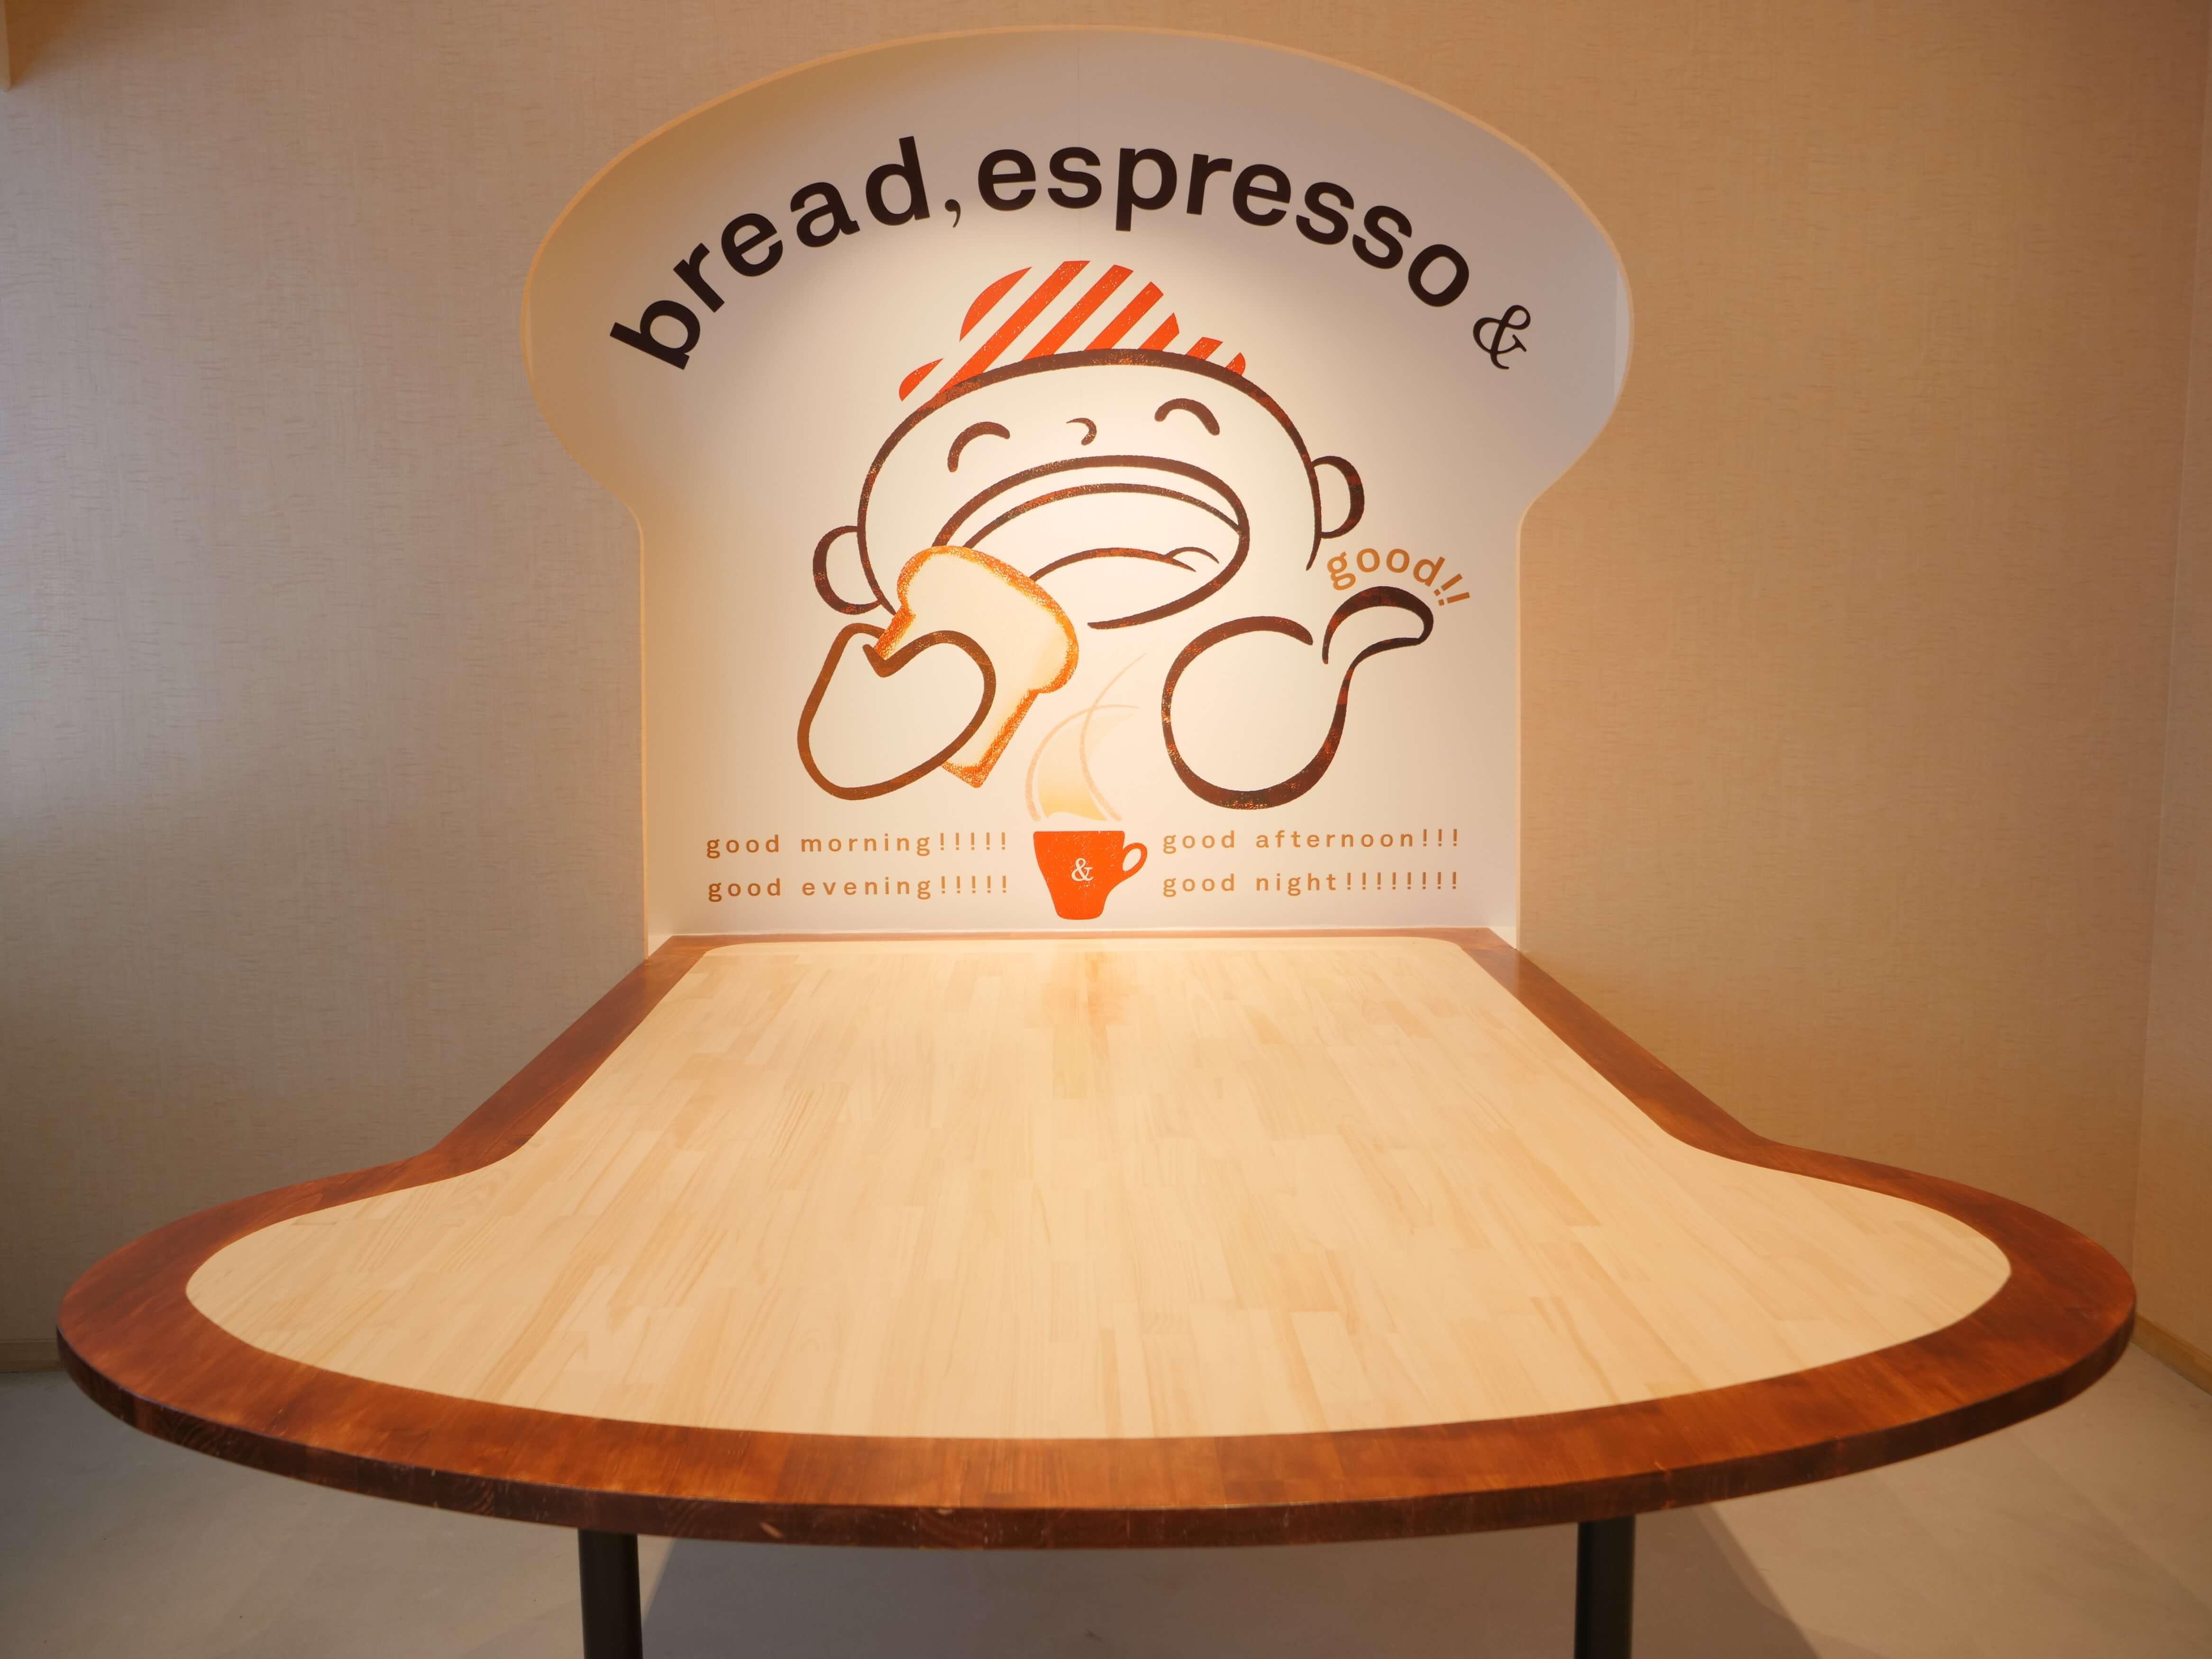 ぱんとえすぷれっそとbread,espresso& (6)